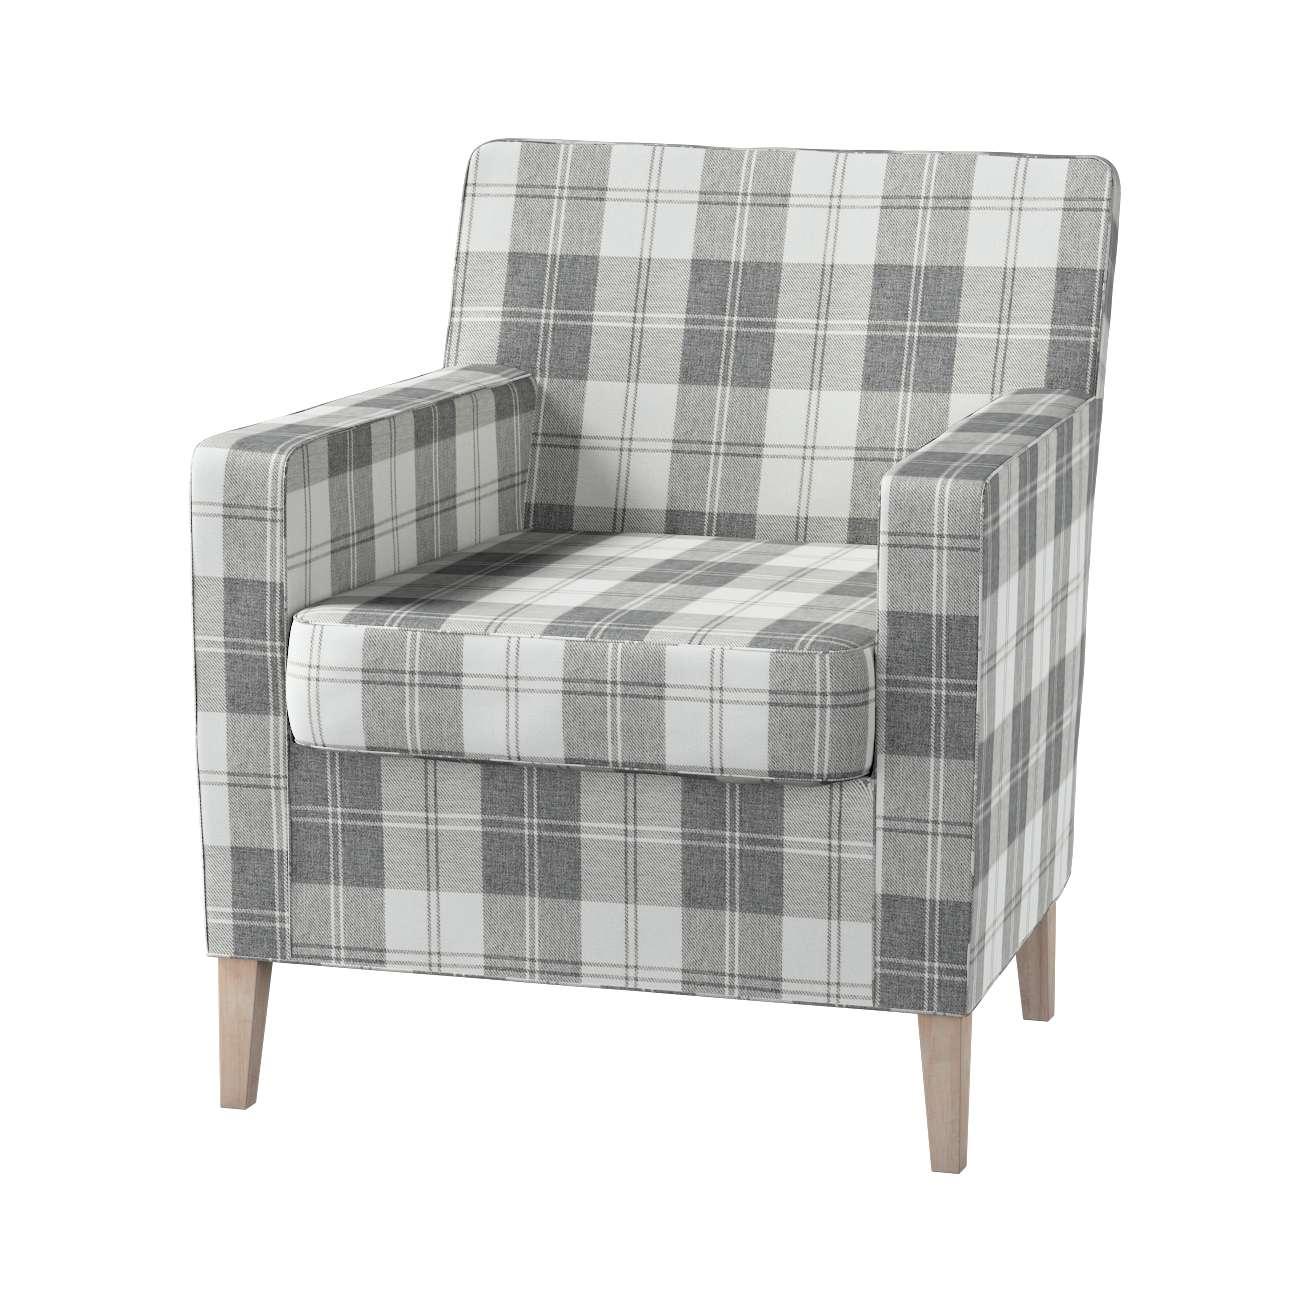 Karlstad fotelio-kėdės užvalkalas Karlstad fotelio - kėdės užvalkalas kolekcijoje Edinburgh , audinys: 115-79